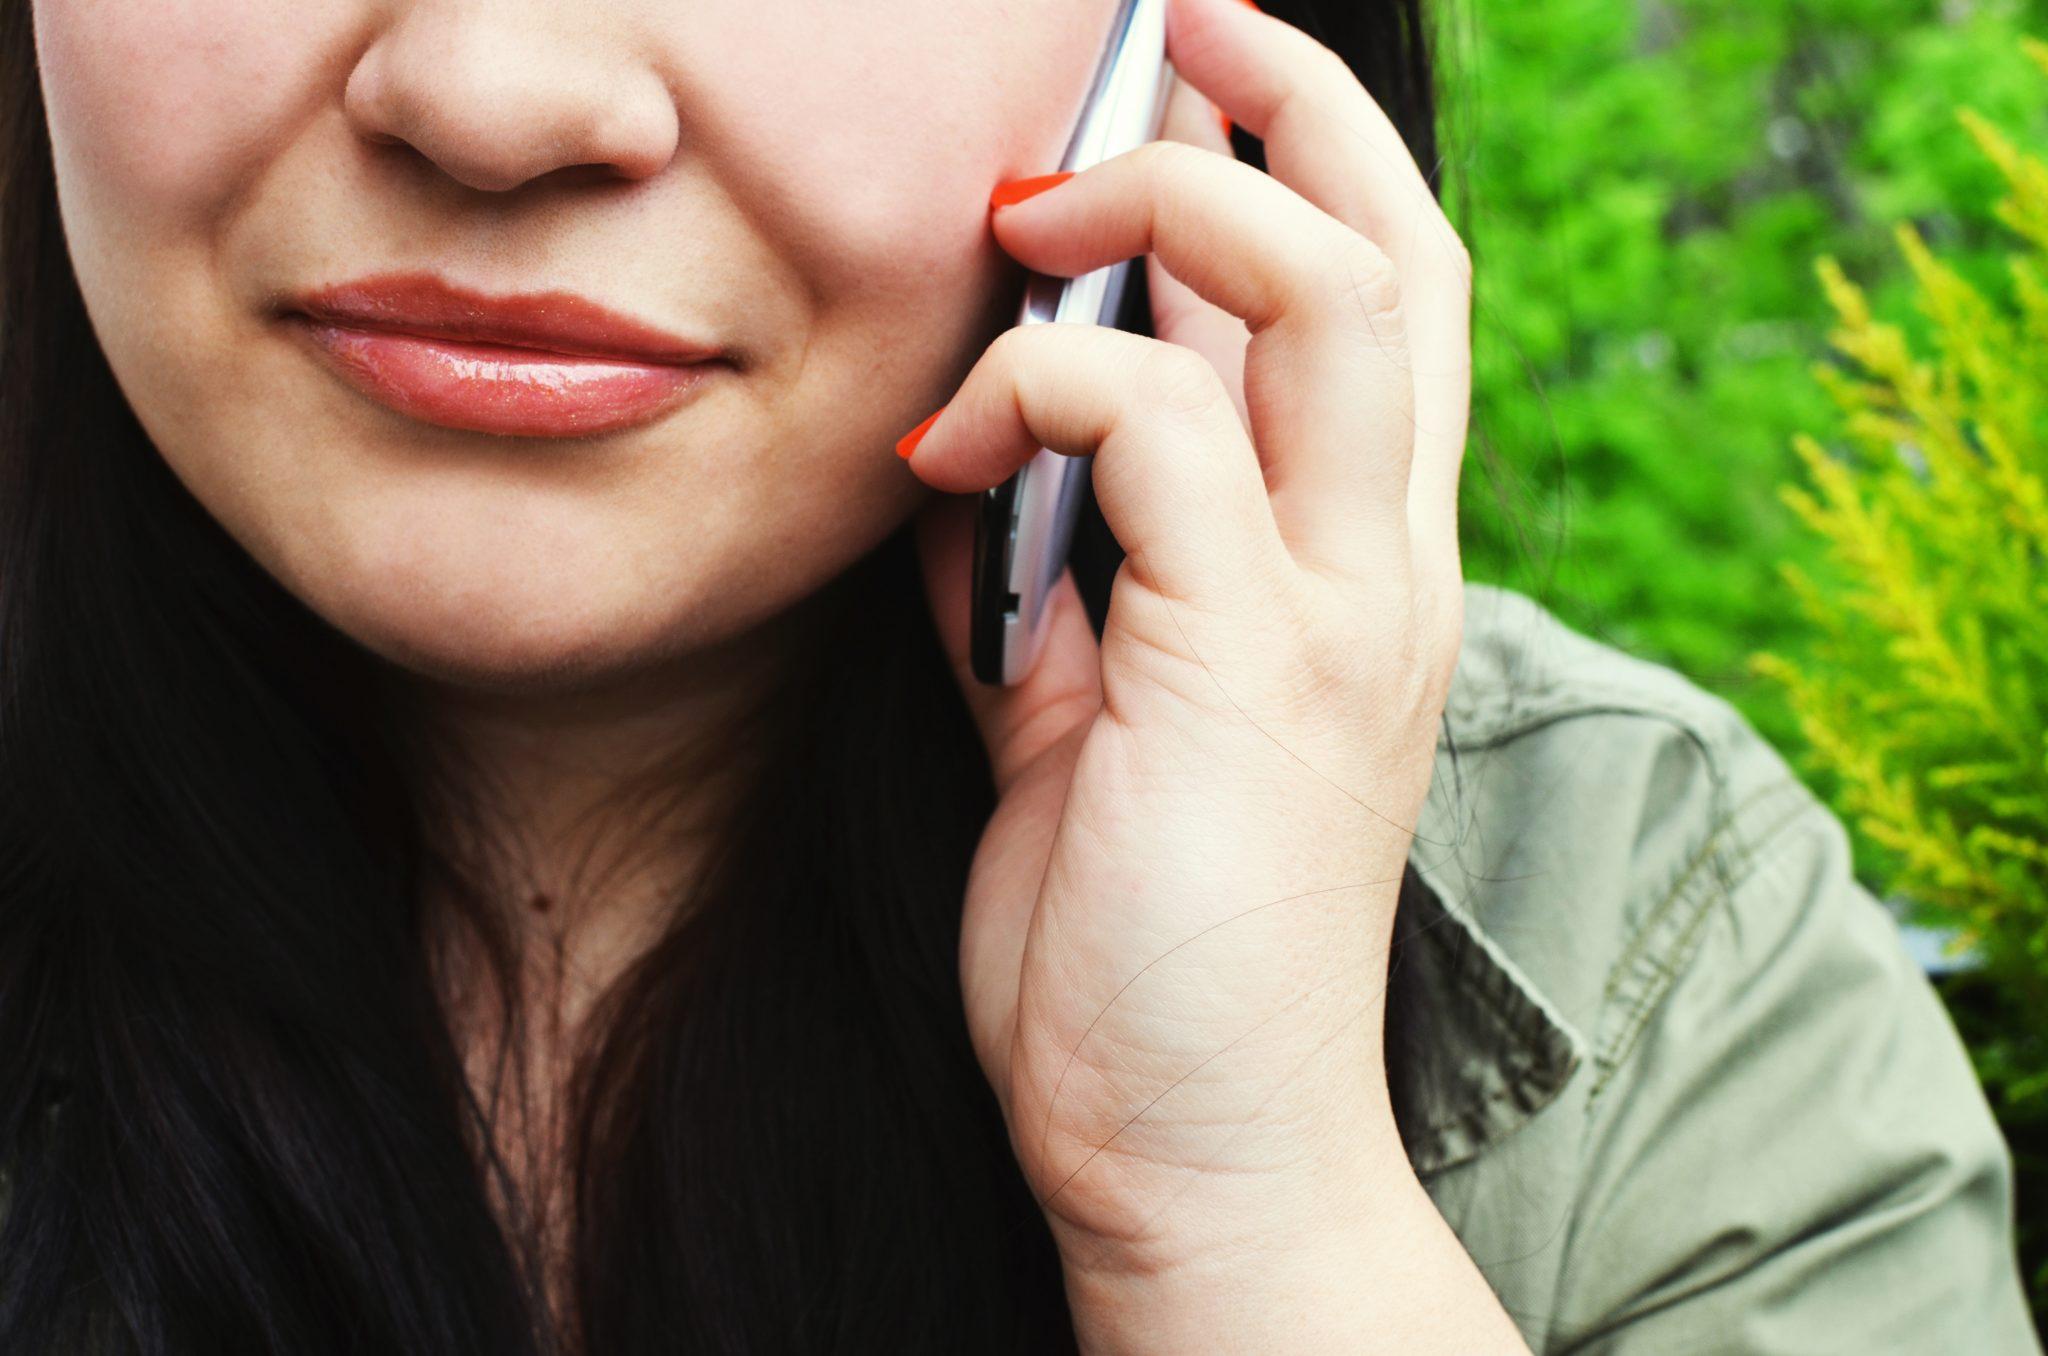 fnv een telefoontje van je verwijderd